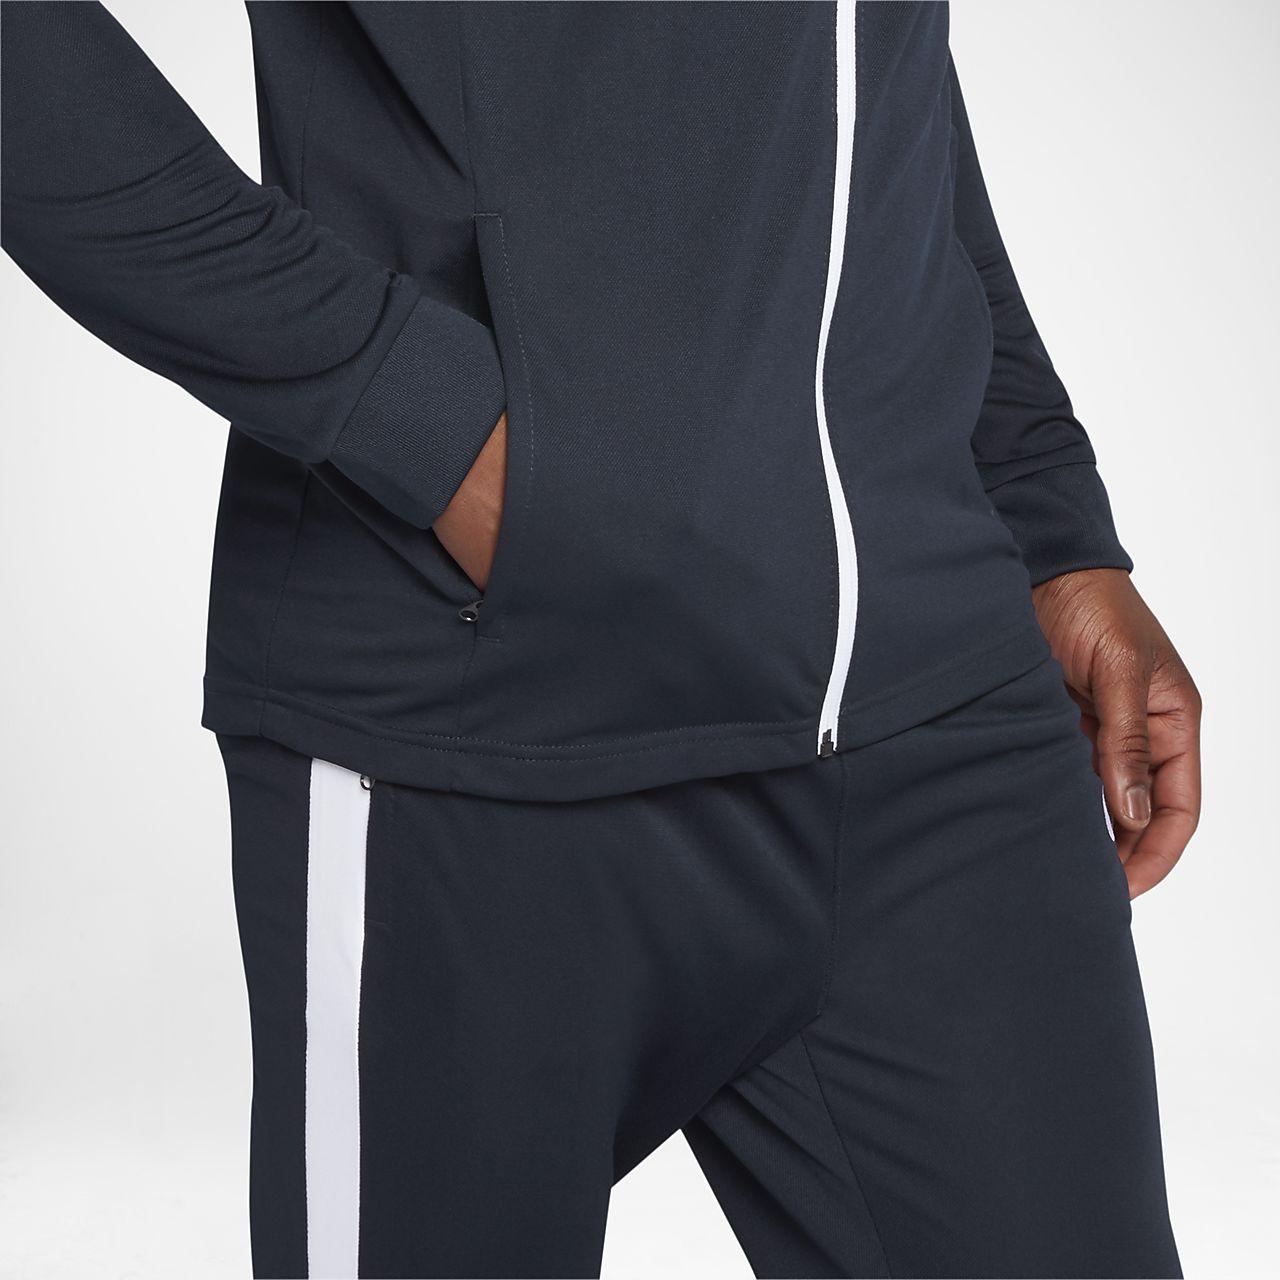 4511ced6064dc Survêtement de football Nike Dri-FIT pour Homme. Nike.com FR